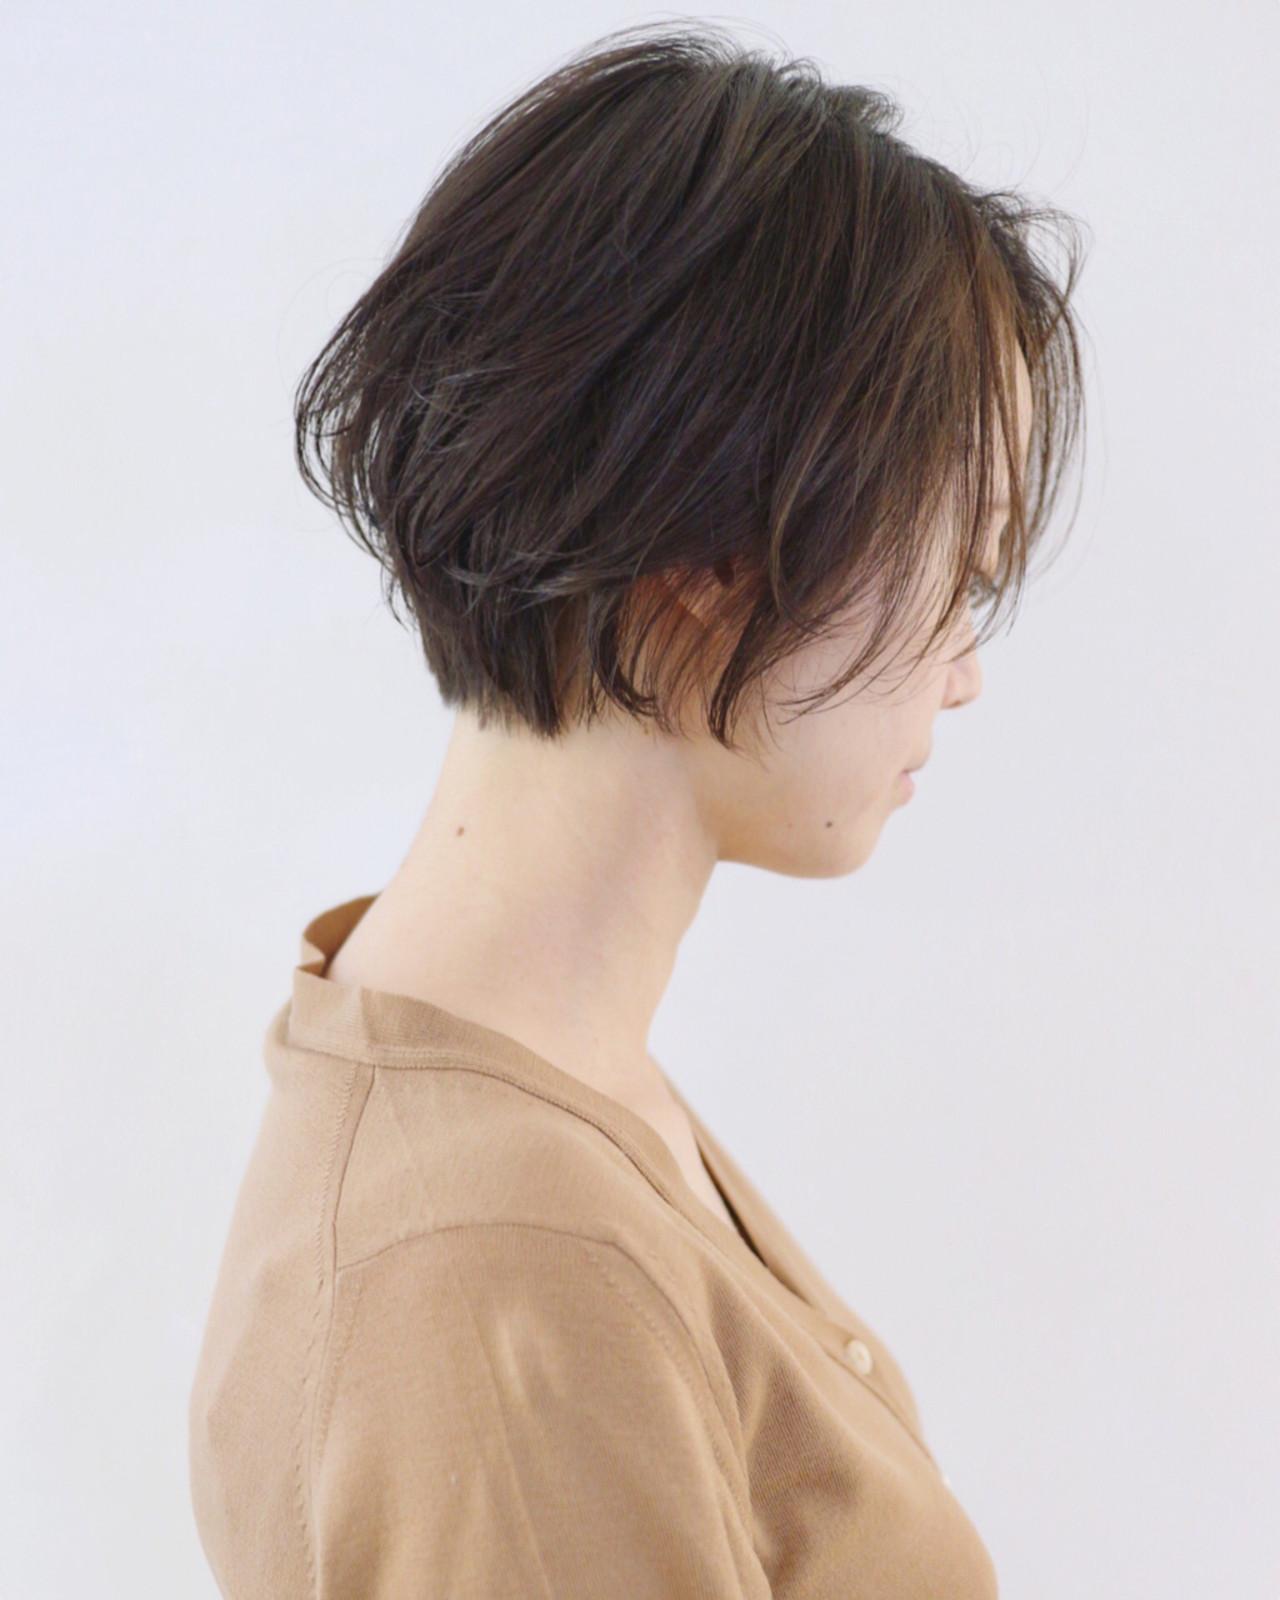 ウェーブ パーマ ナチュラル ショート ヘアスタイルや髪型の写真・画像 | 三好 佳奈美 / Baco.(バコ)